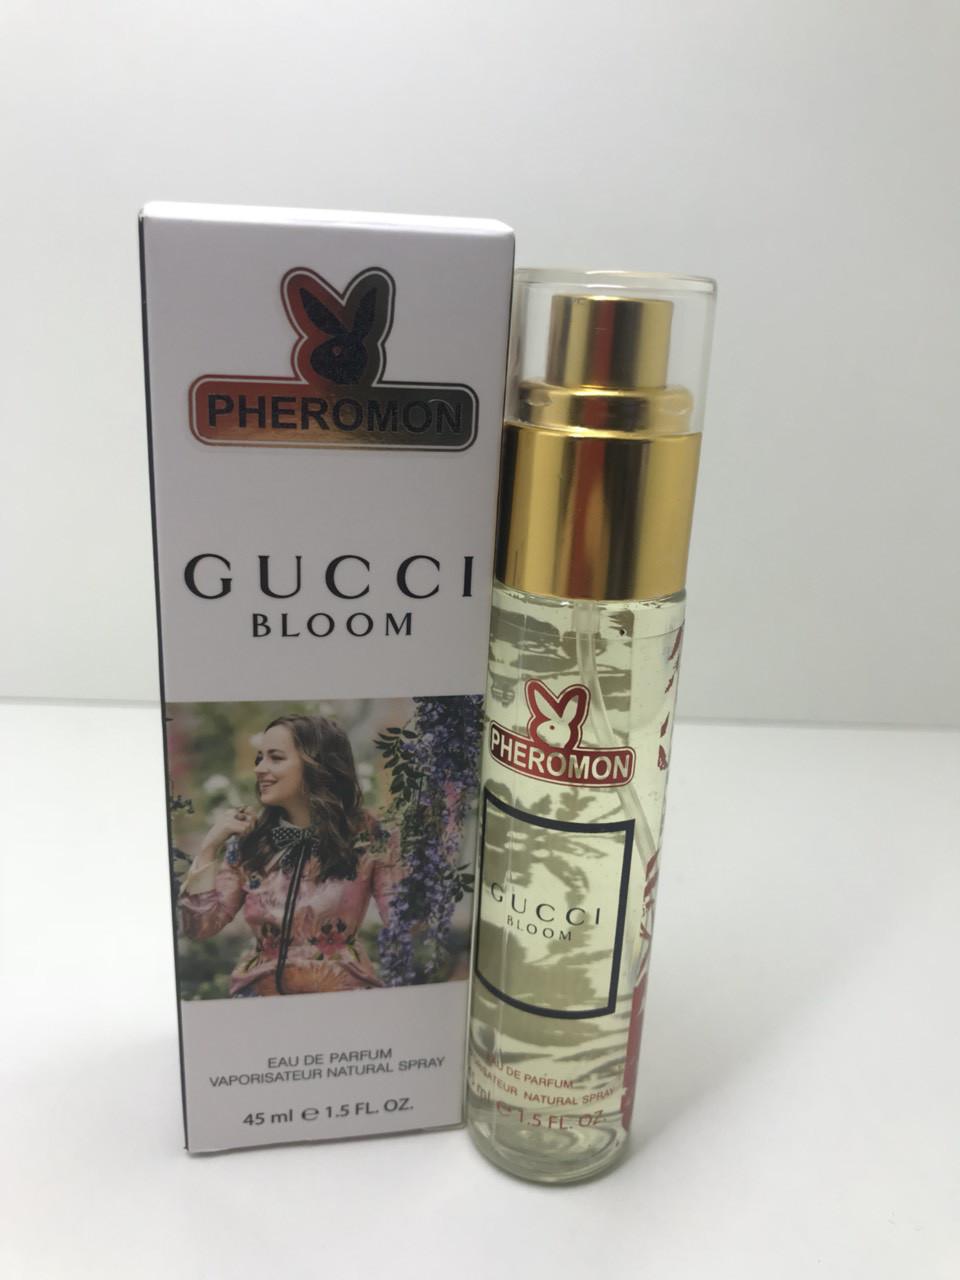 женский мини парфюм с феромонами Gucci Bloom гуччи блум45 мл цена